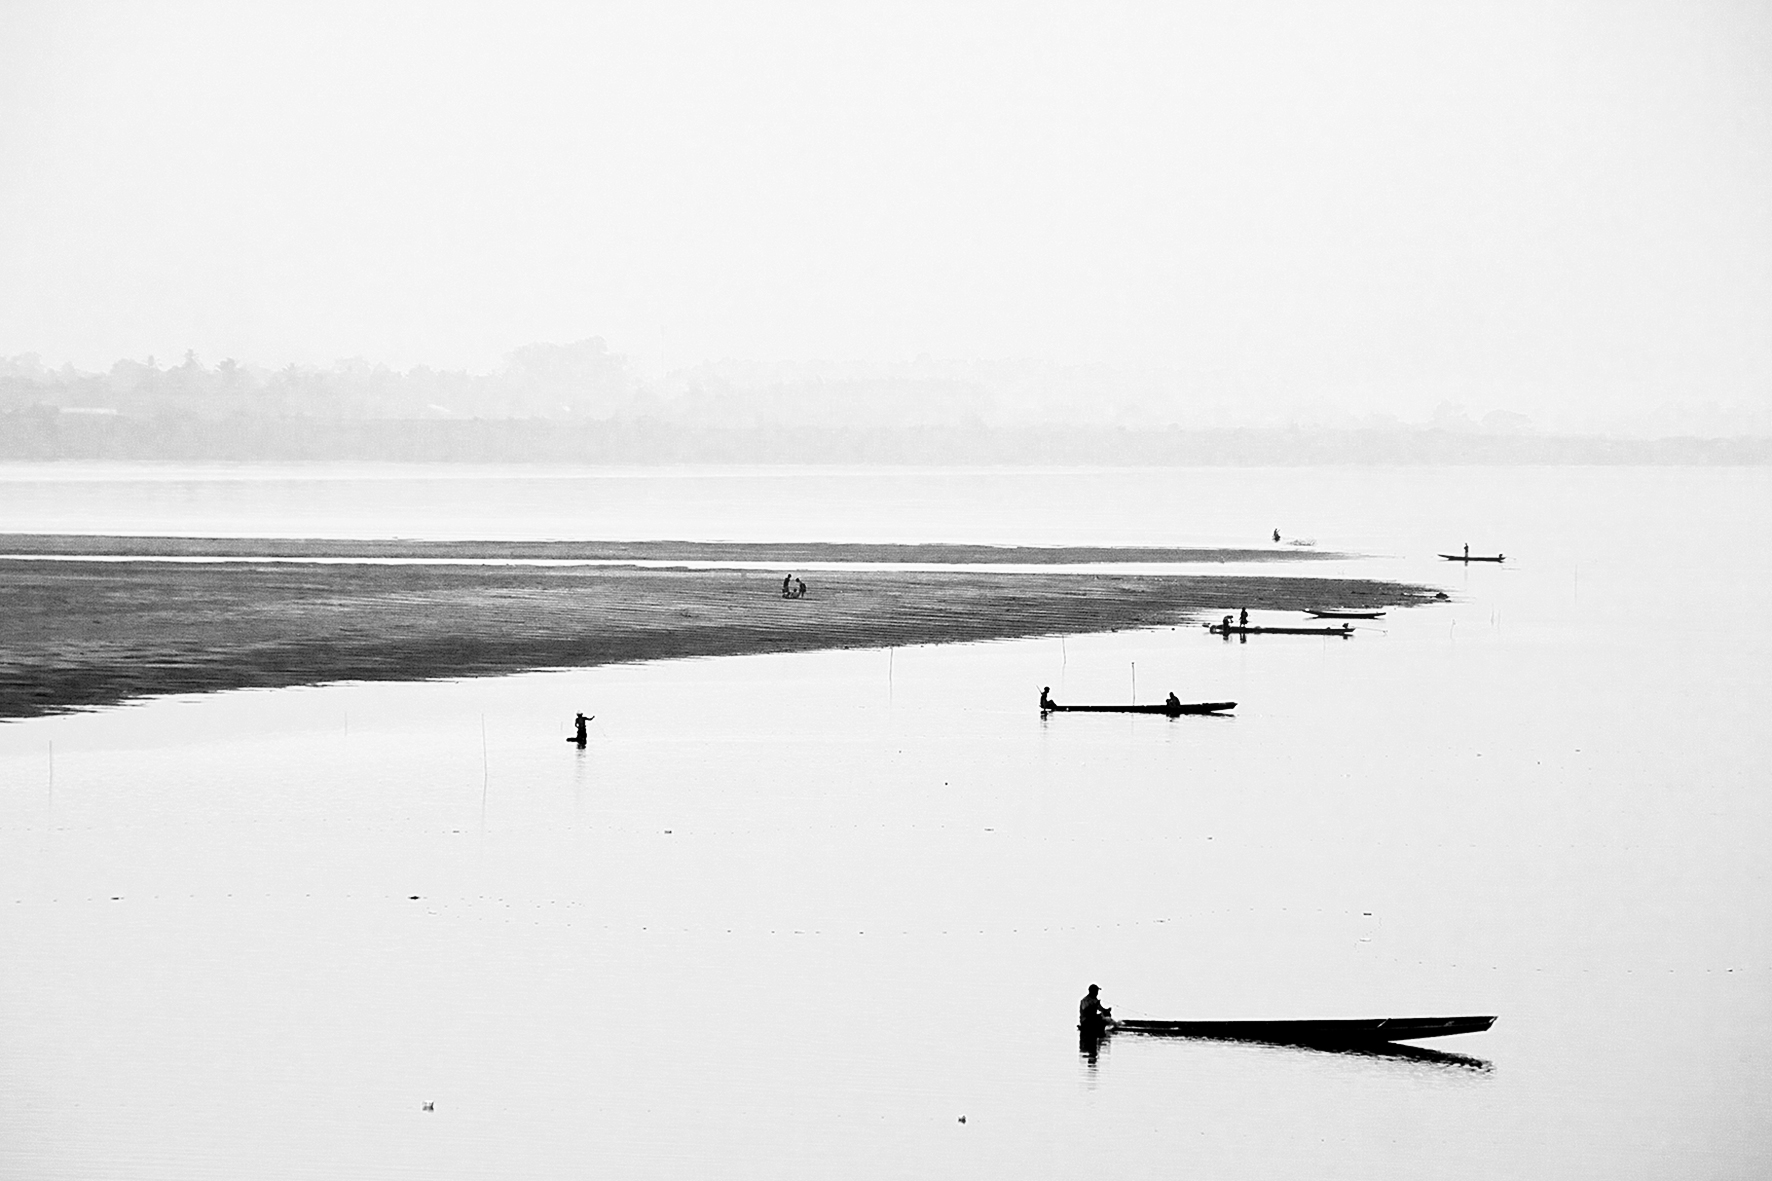 Laos, Vientiane. 2009